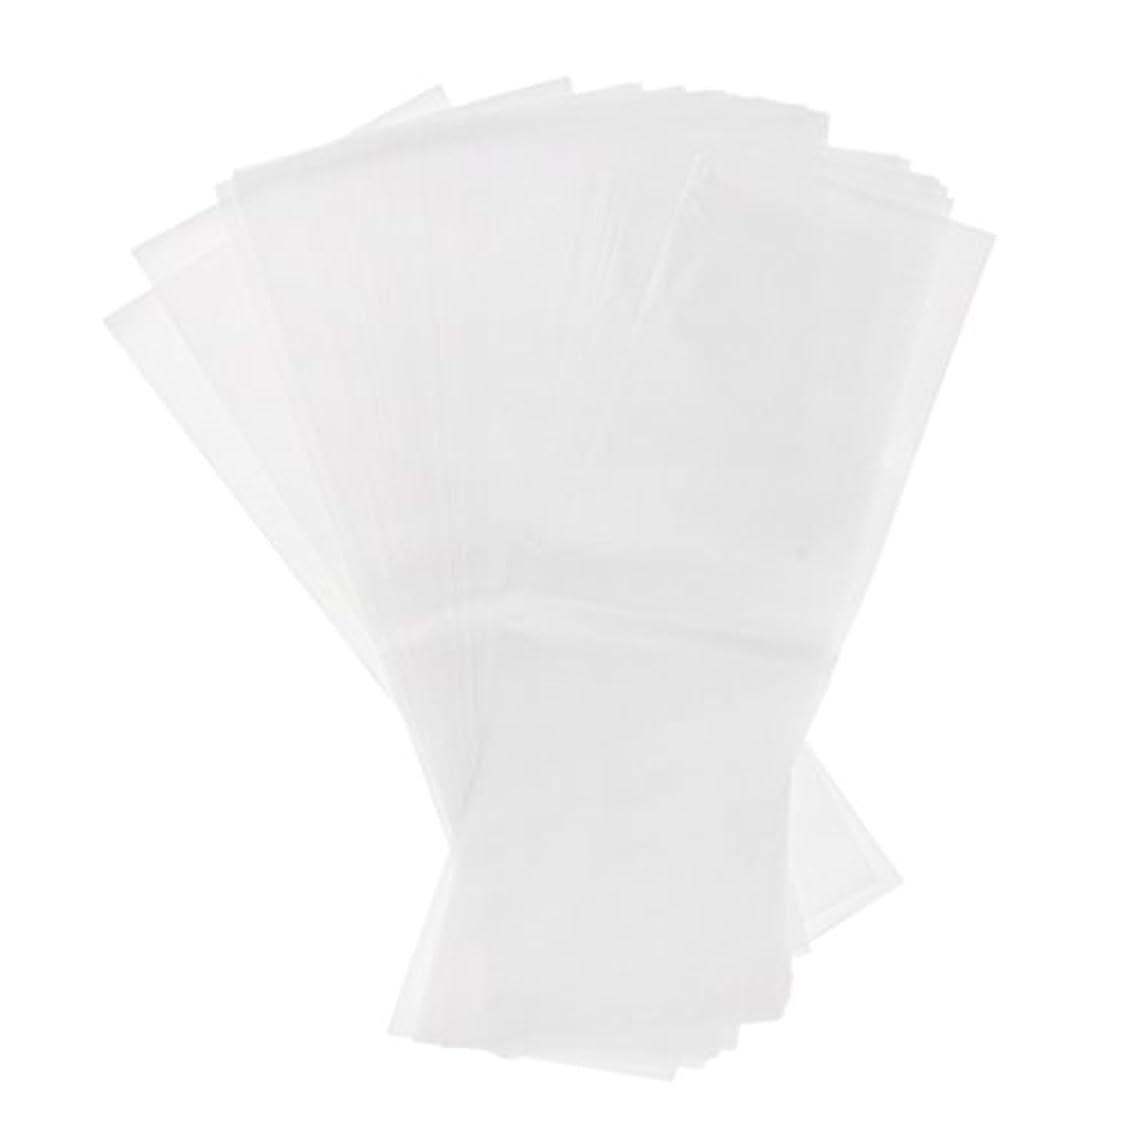 微妙丈夫大量約50枚 染毛紙 ハイライトシート 再利用可 プラスチックシート ヘアケア プロ サロン ヘアカラー 2タイプ選べ - ホワイト